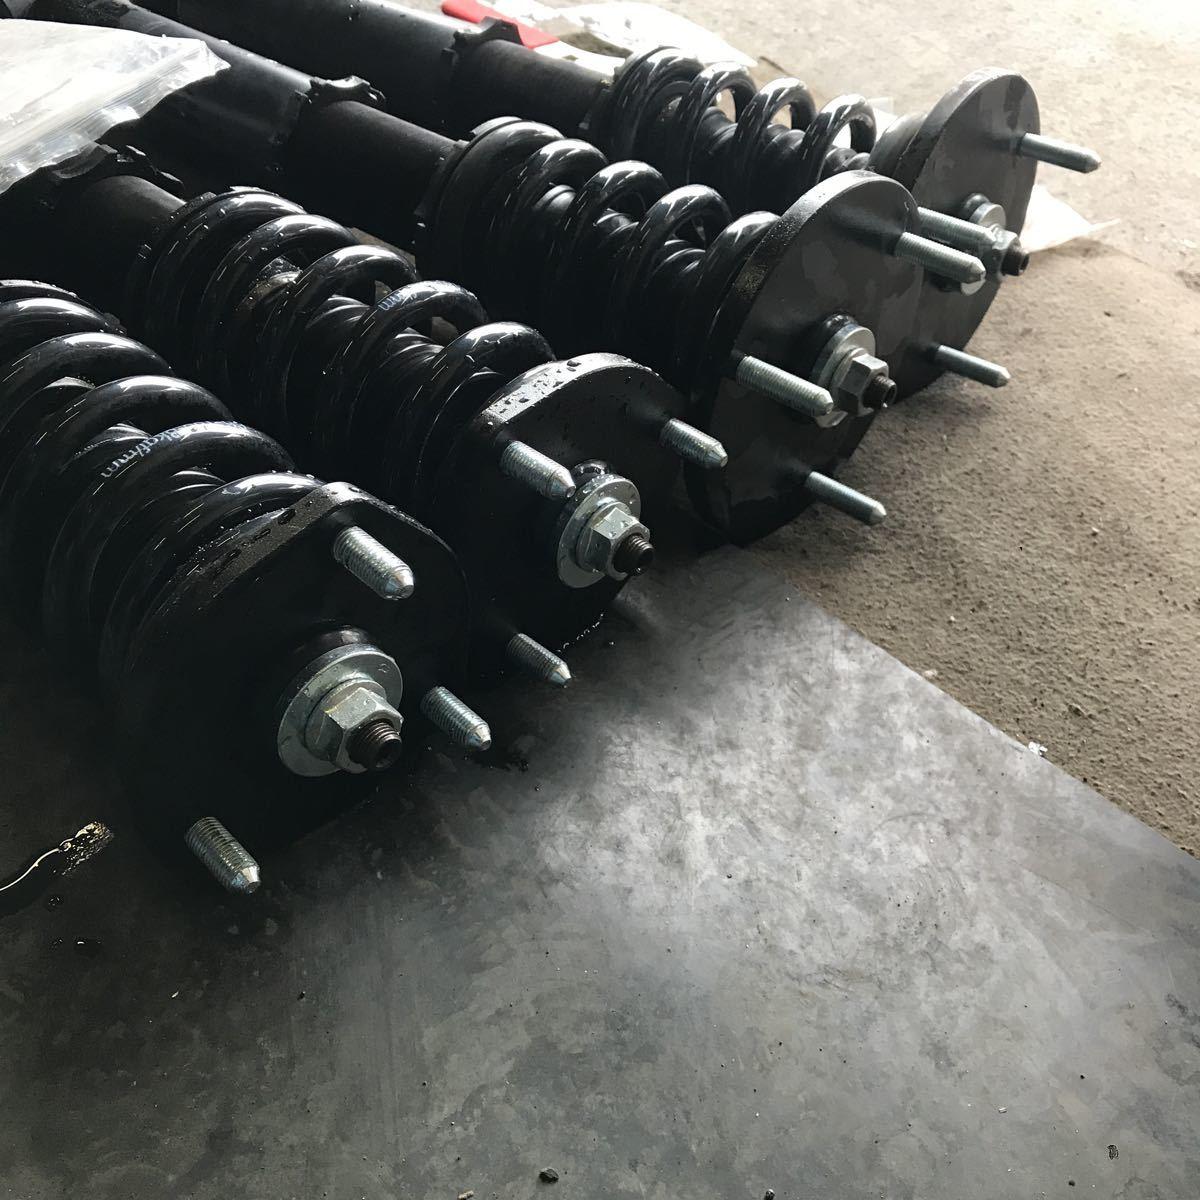 クラウン GRS180/182/184/200/204/210/214 GWS204 AWS210 ARS210 GS350 GS430 GS450h 車高調 black label damper ヤマト運輸着払いです_画像4